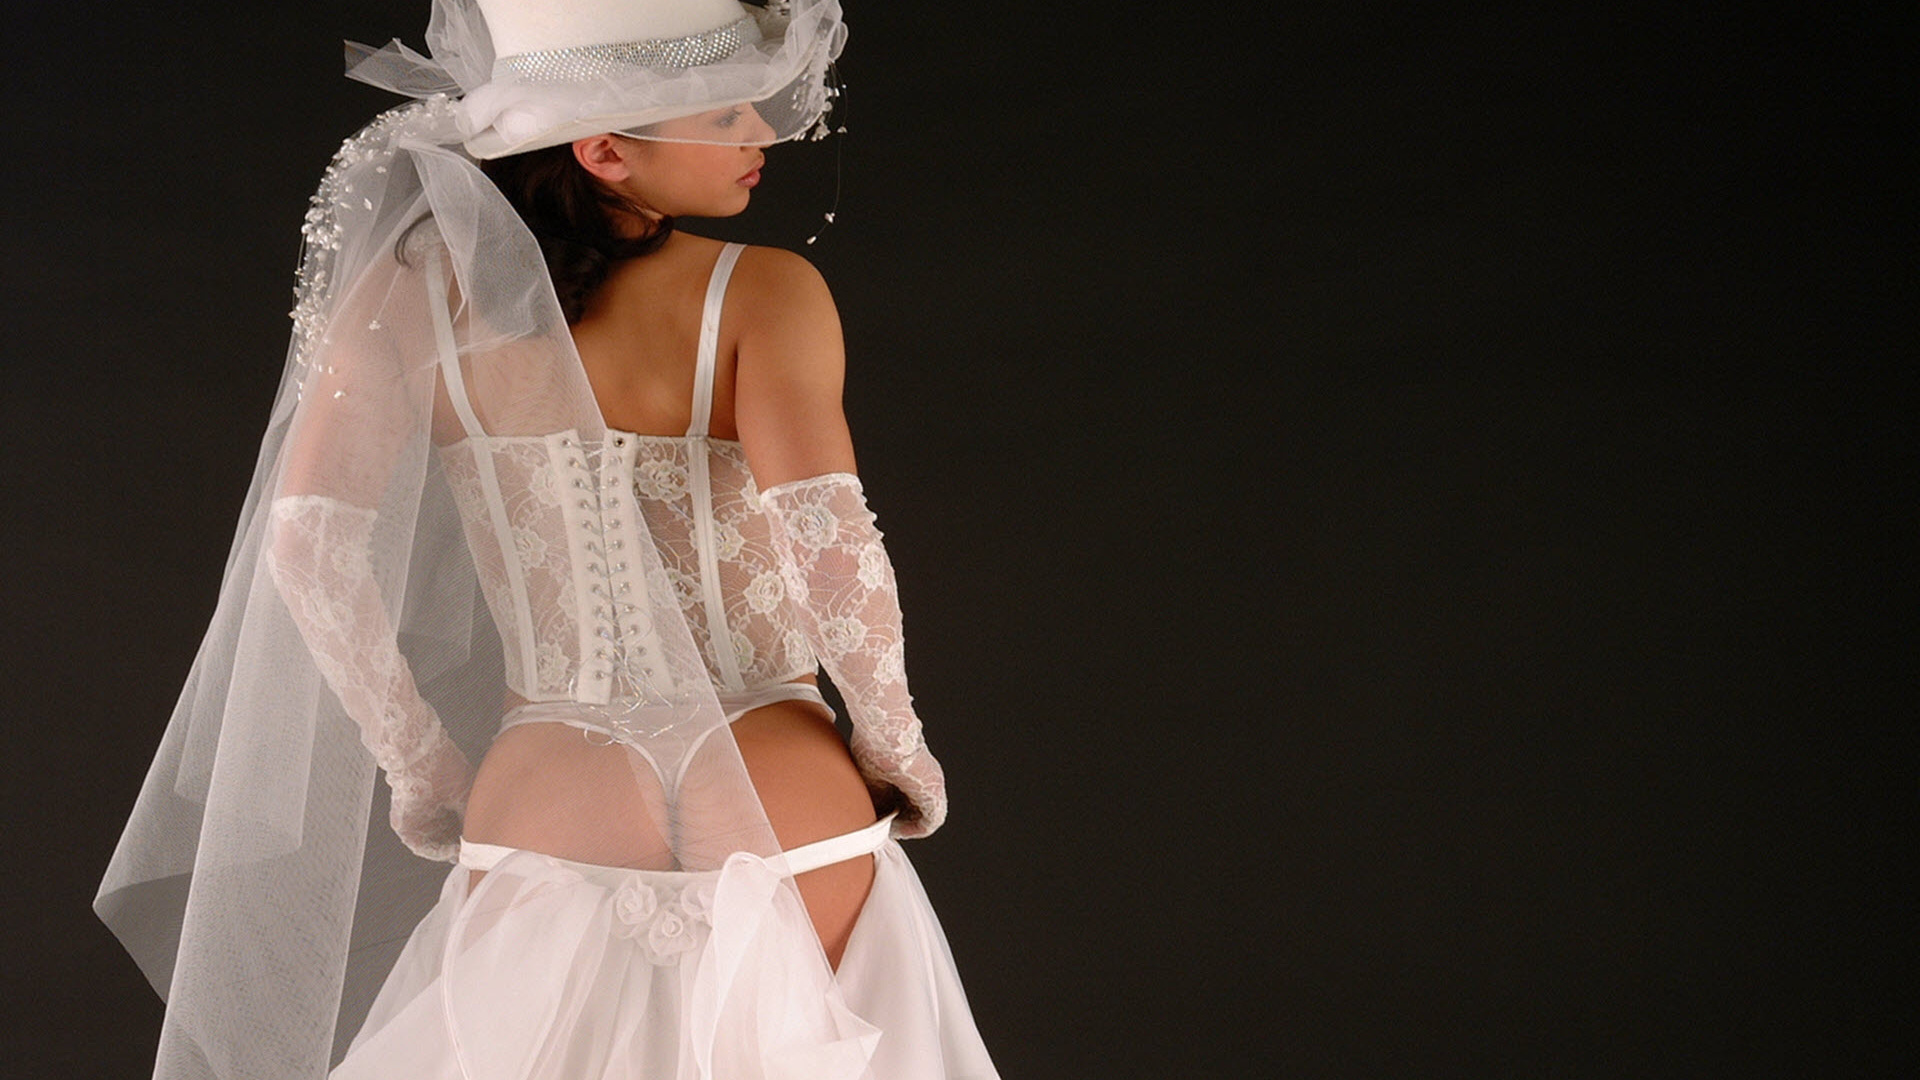 Эротика фото белое платье, Голые в плятьях на фото и обнаженные девушки 24 фотография